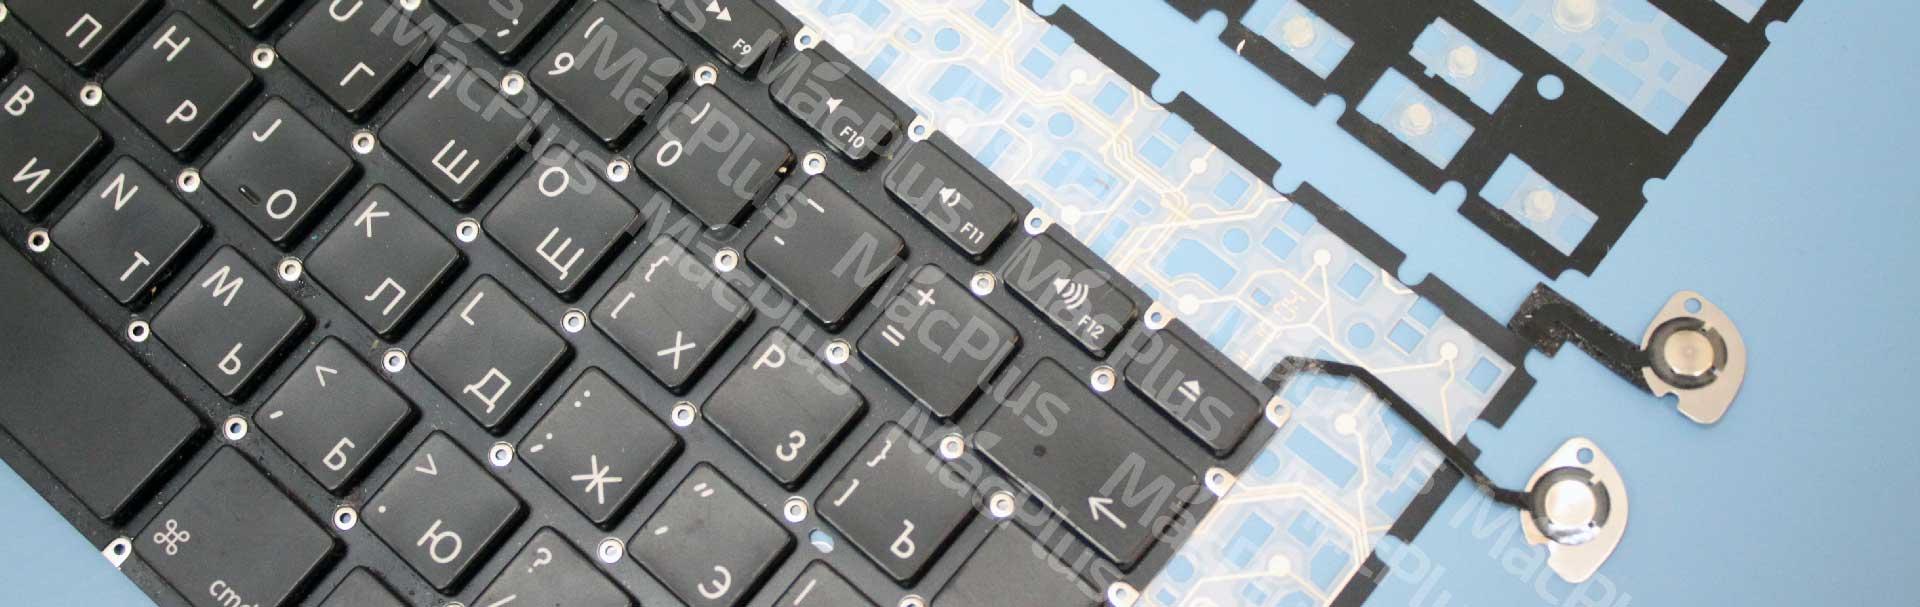 Не работает клавиатура MacBook Pro